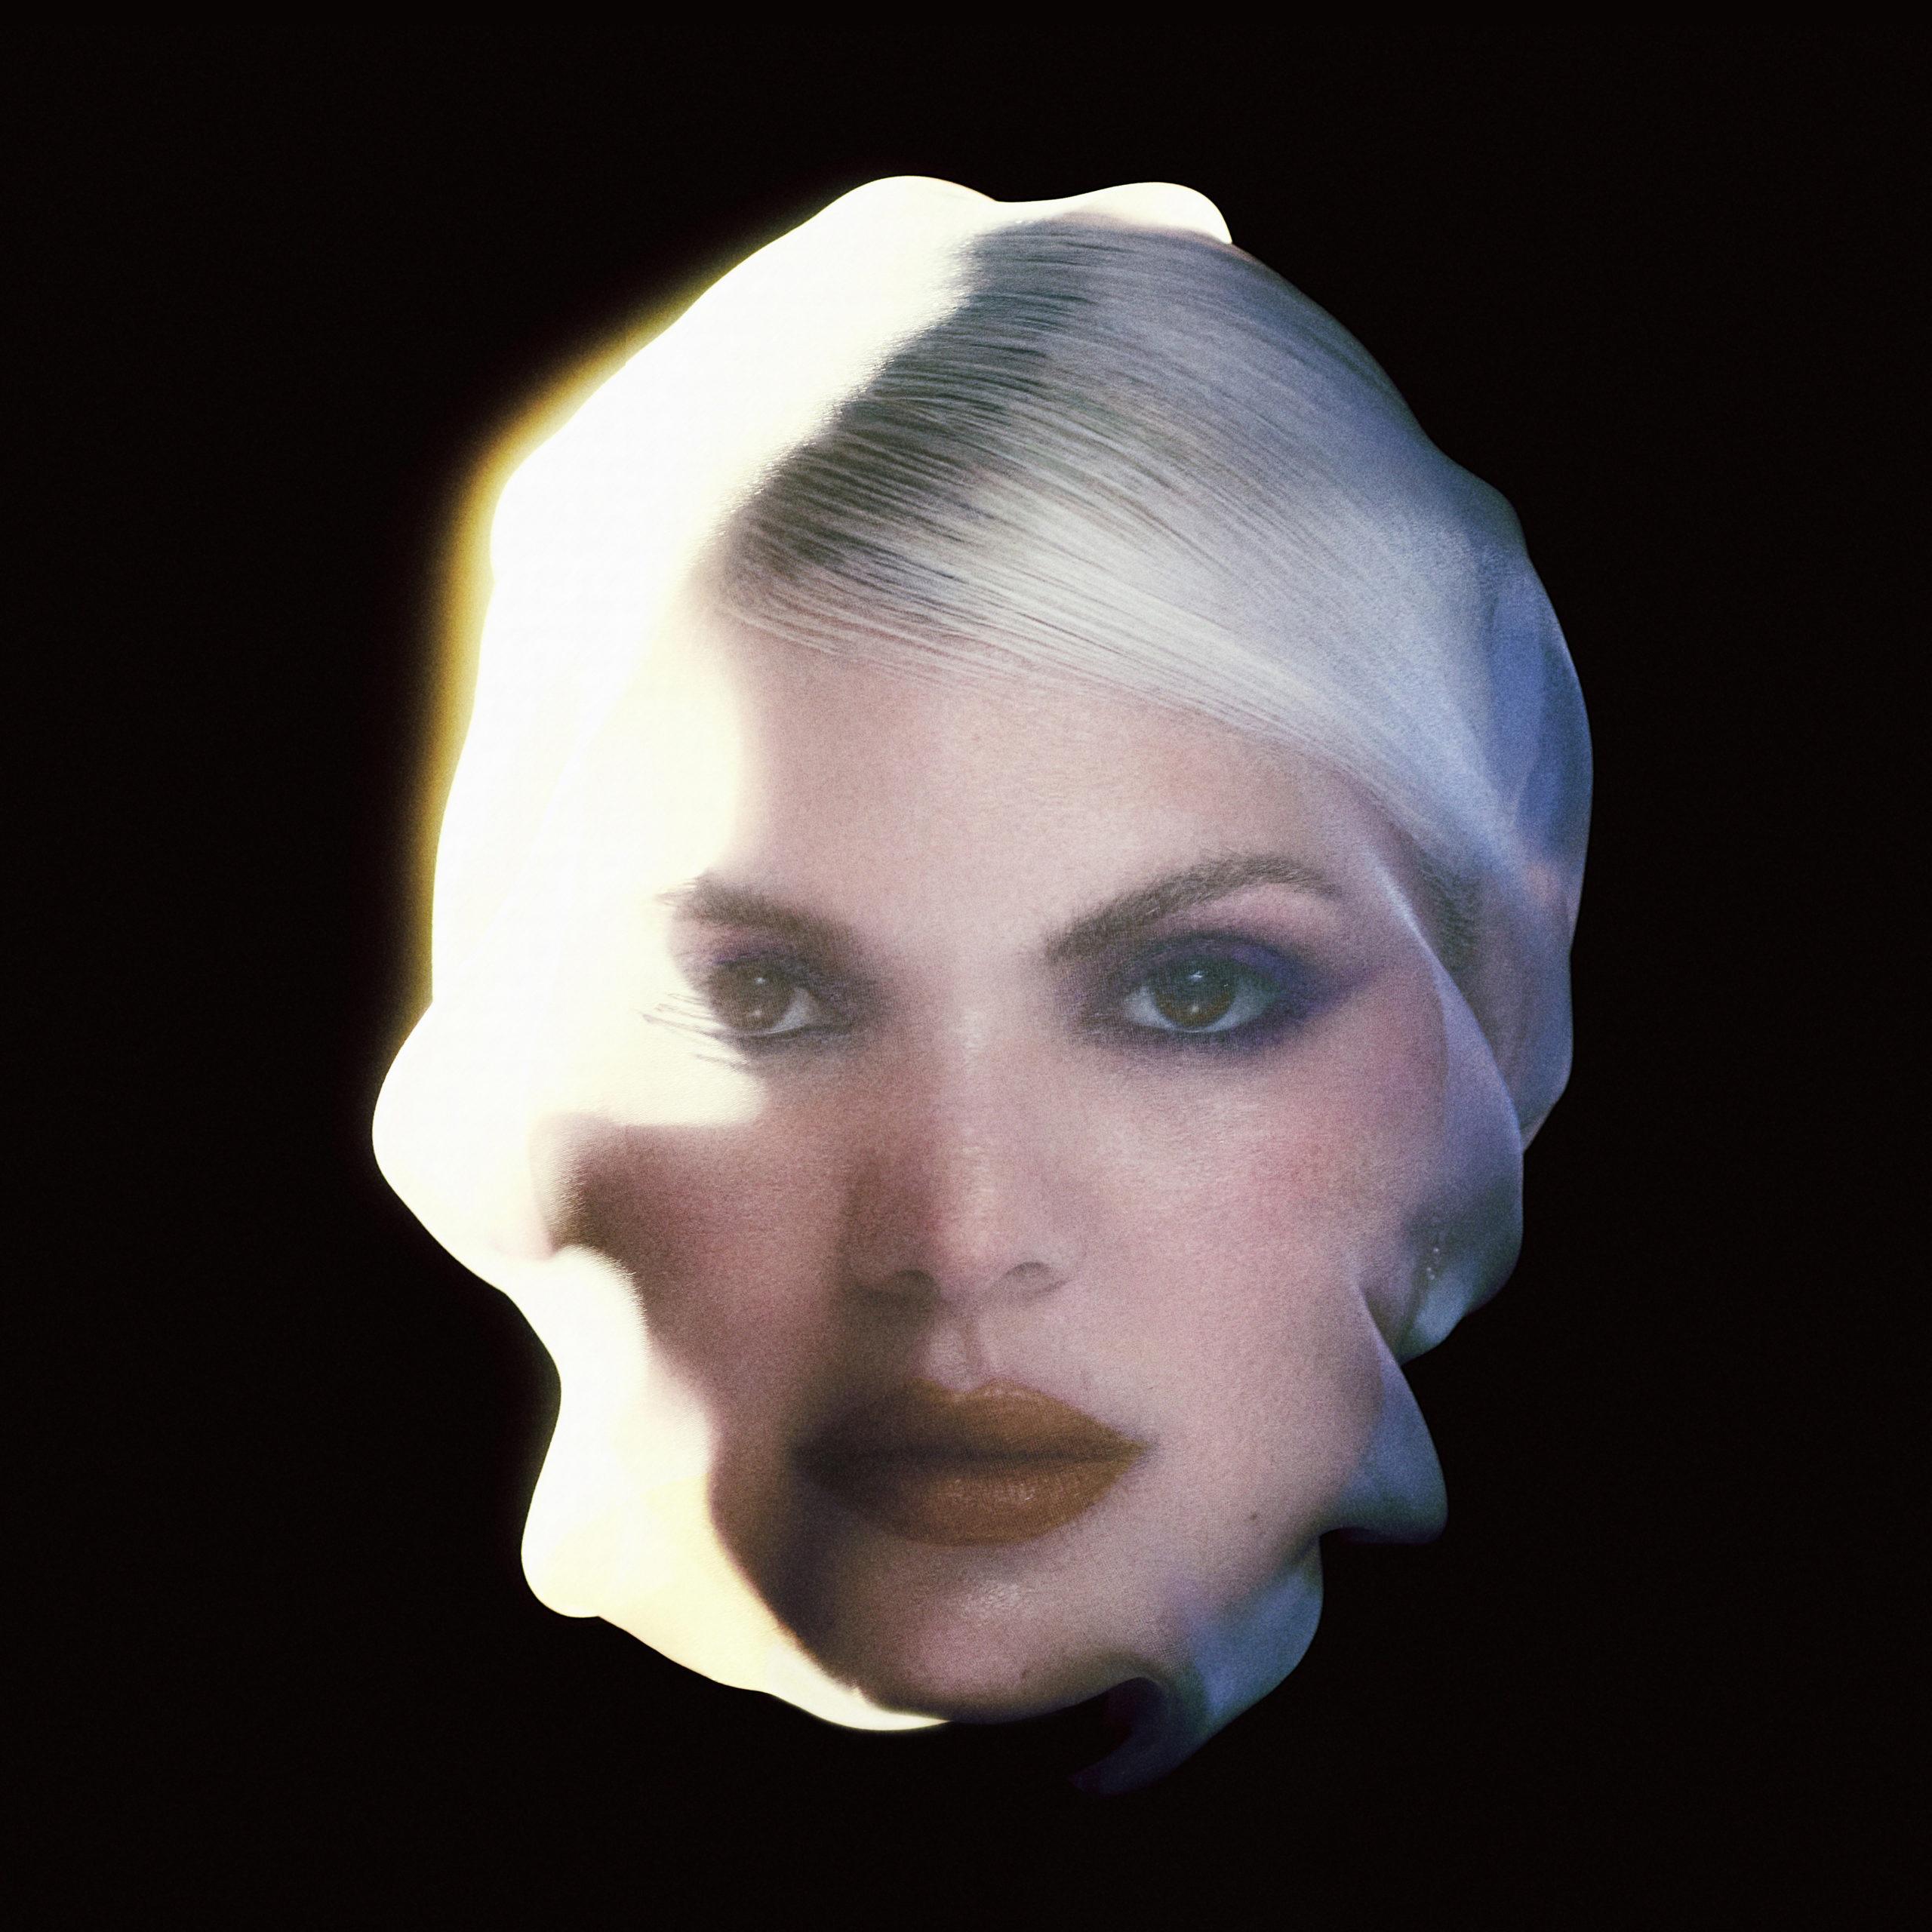 Capa do CD Te Amo Lá Fora, de DUDA BEAT. Nela, vemos a cantora DUDA BEAT ao centro, mostrando apenas sua cabeça em um fundo preto. Ela está com o rosto coberto por algo parecido com um véu bem translúcido. Ela é branca, tem cabelos loiros, usa batom vermelho e olha diretamente para a câmera.